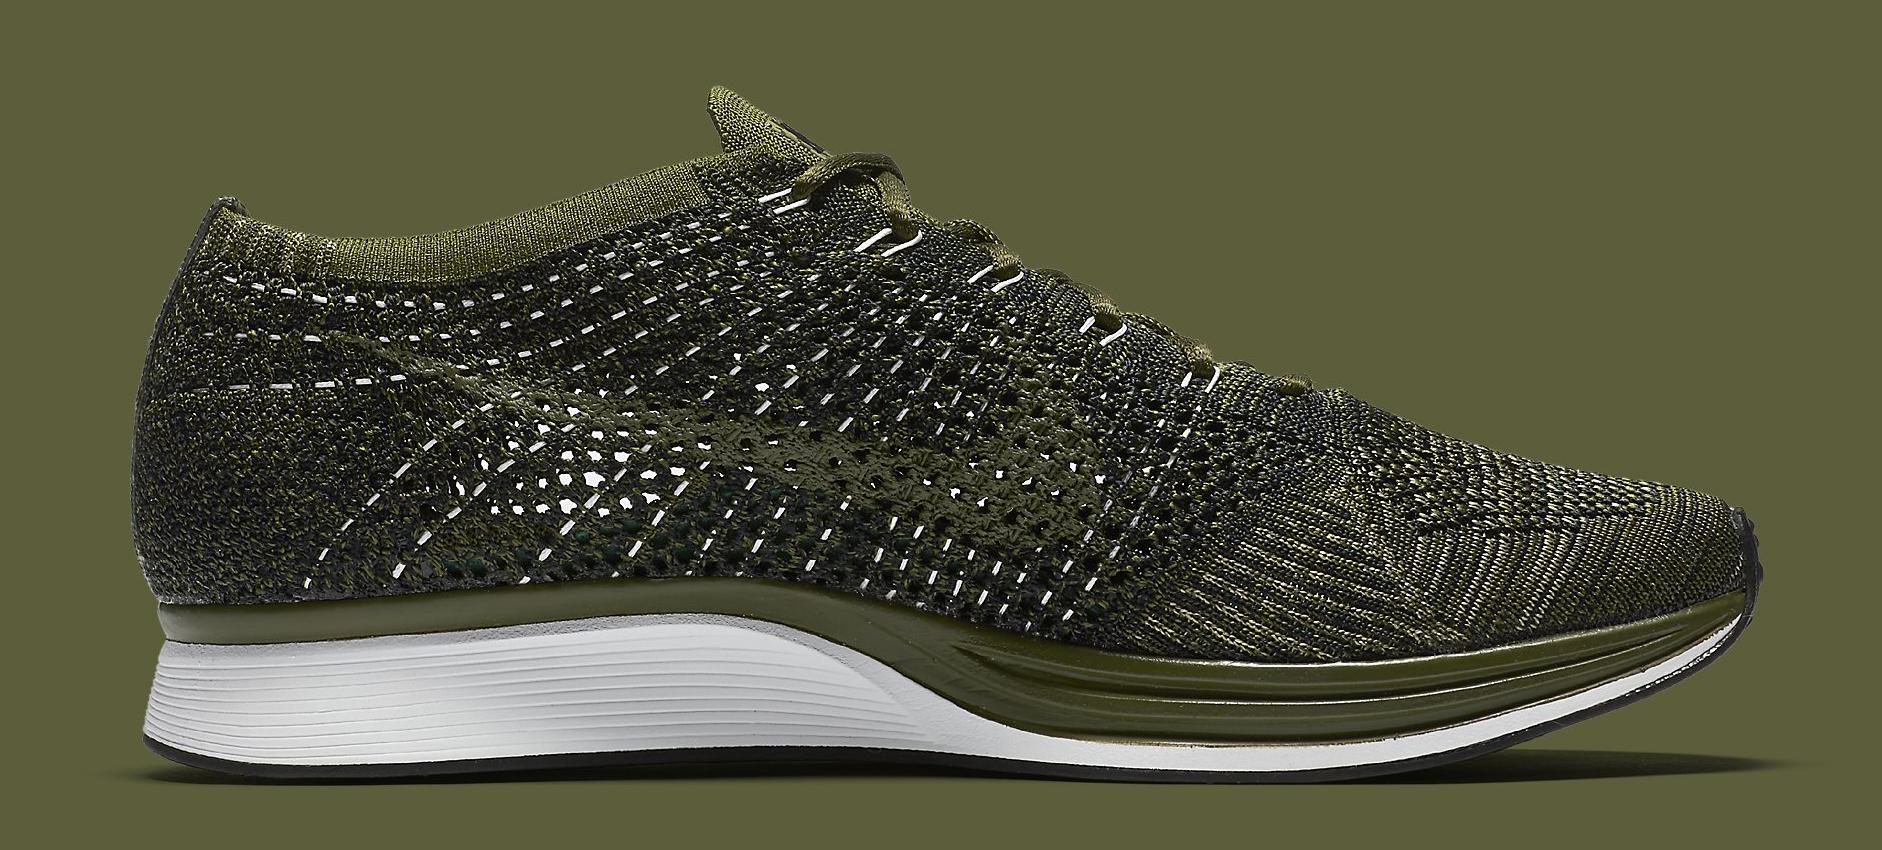 Nike Flyknit Racer Green Camo 862713-300 Medial